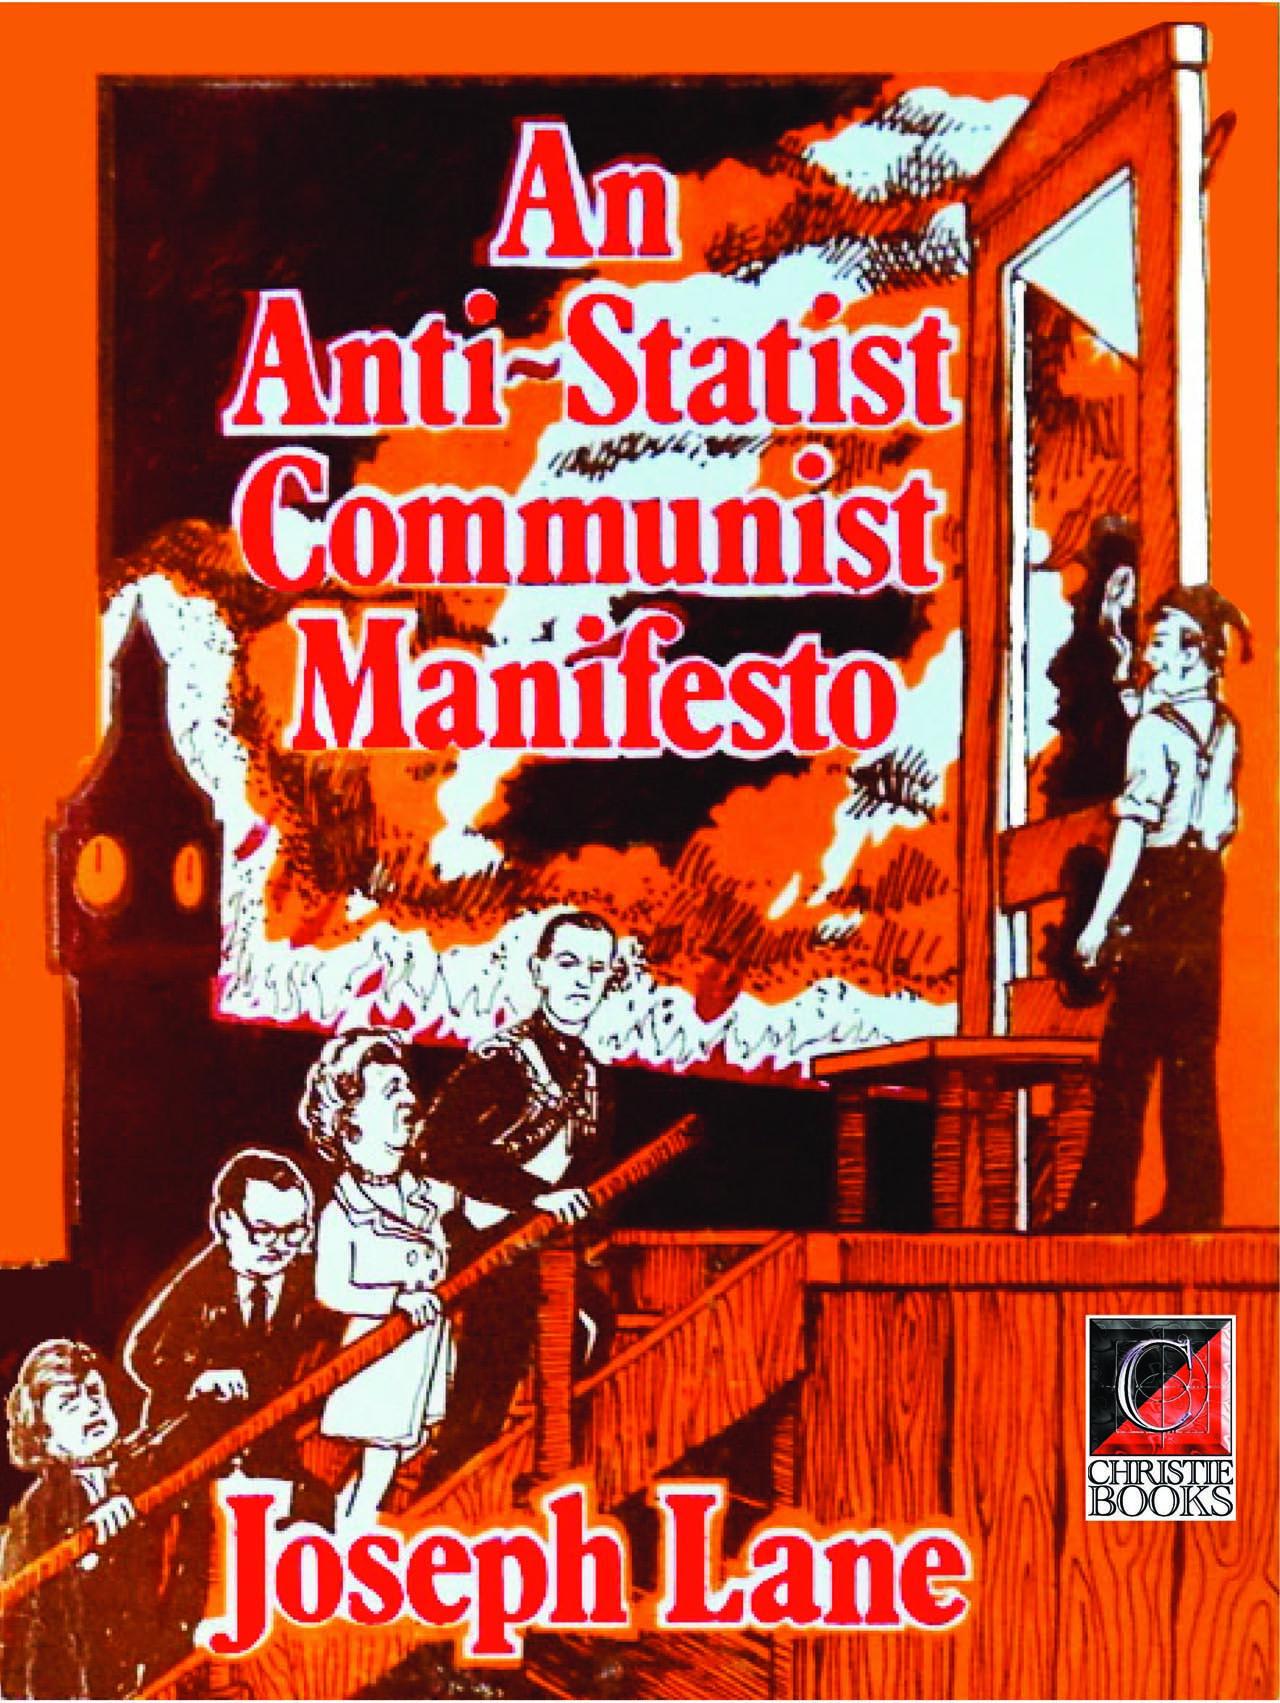 An Anti-Statist Communist Manifesto